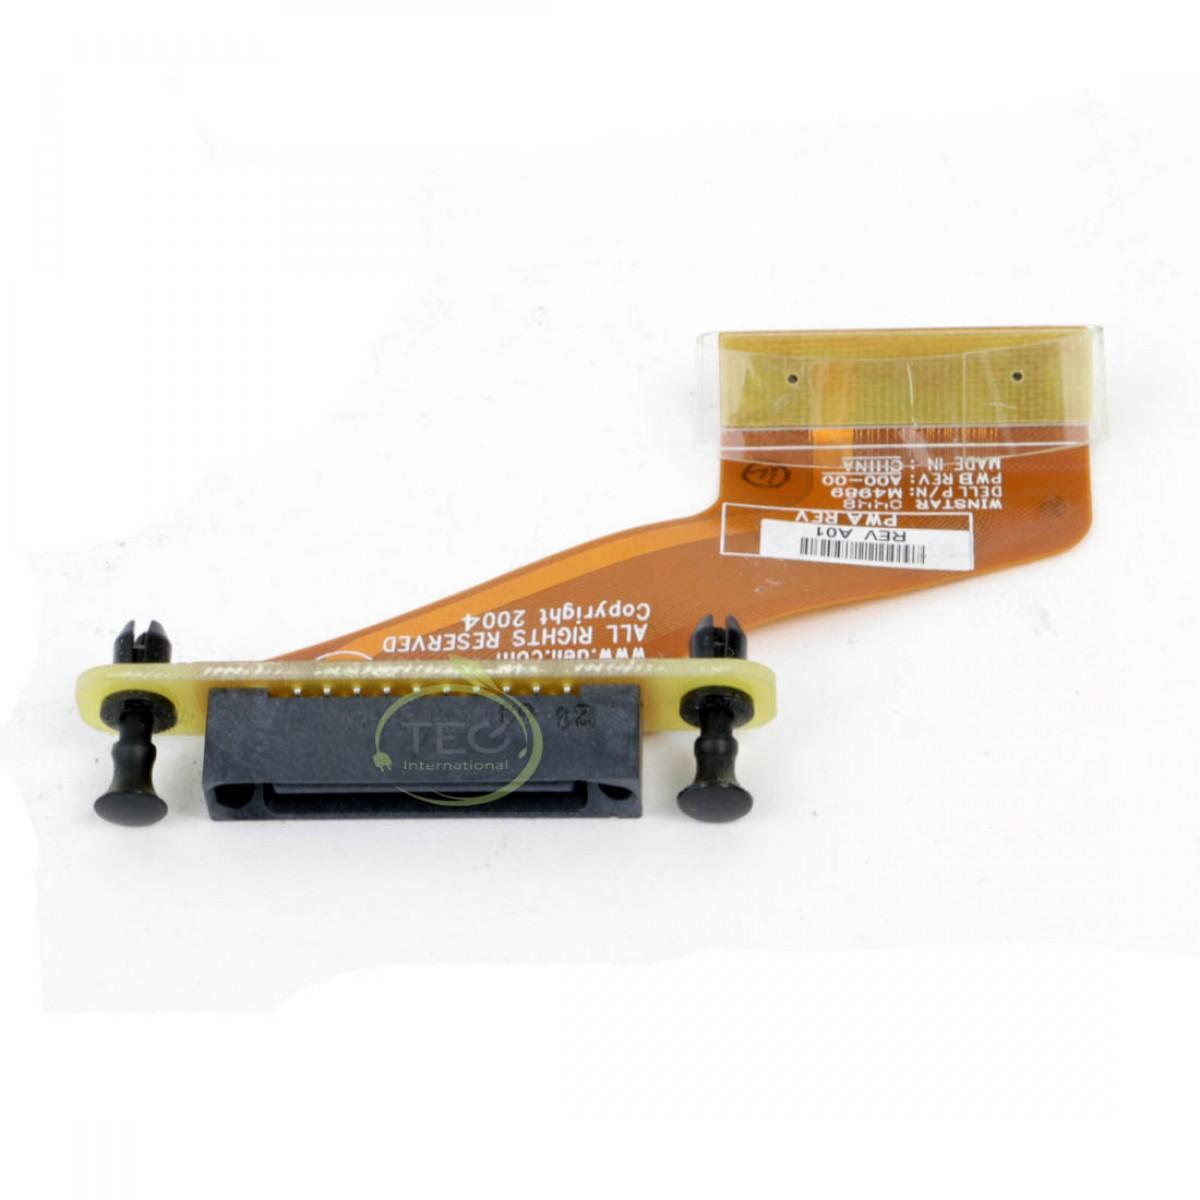 Poweredge Floppy Drive Flex Cable